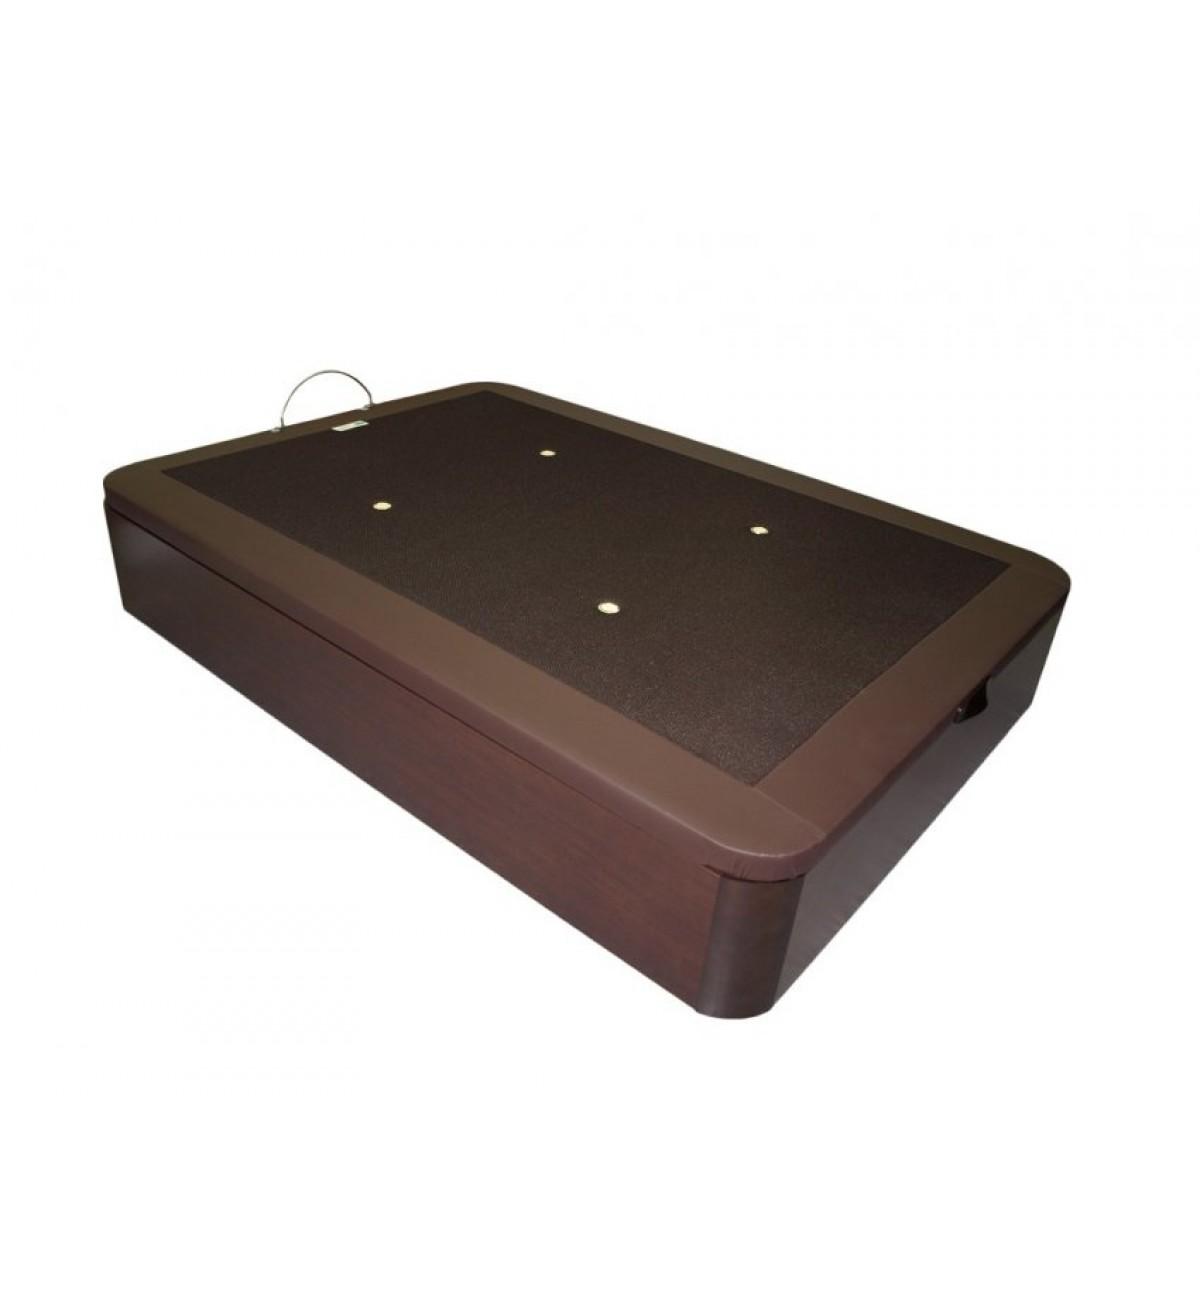 Canap de madera abatible luna norcolch n canap s baratos for Canape abatible madera